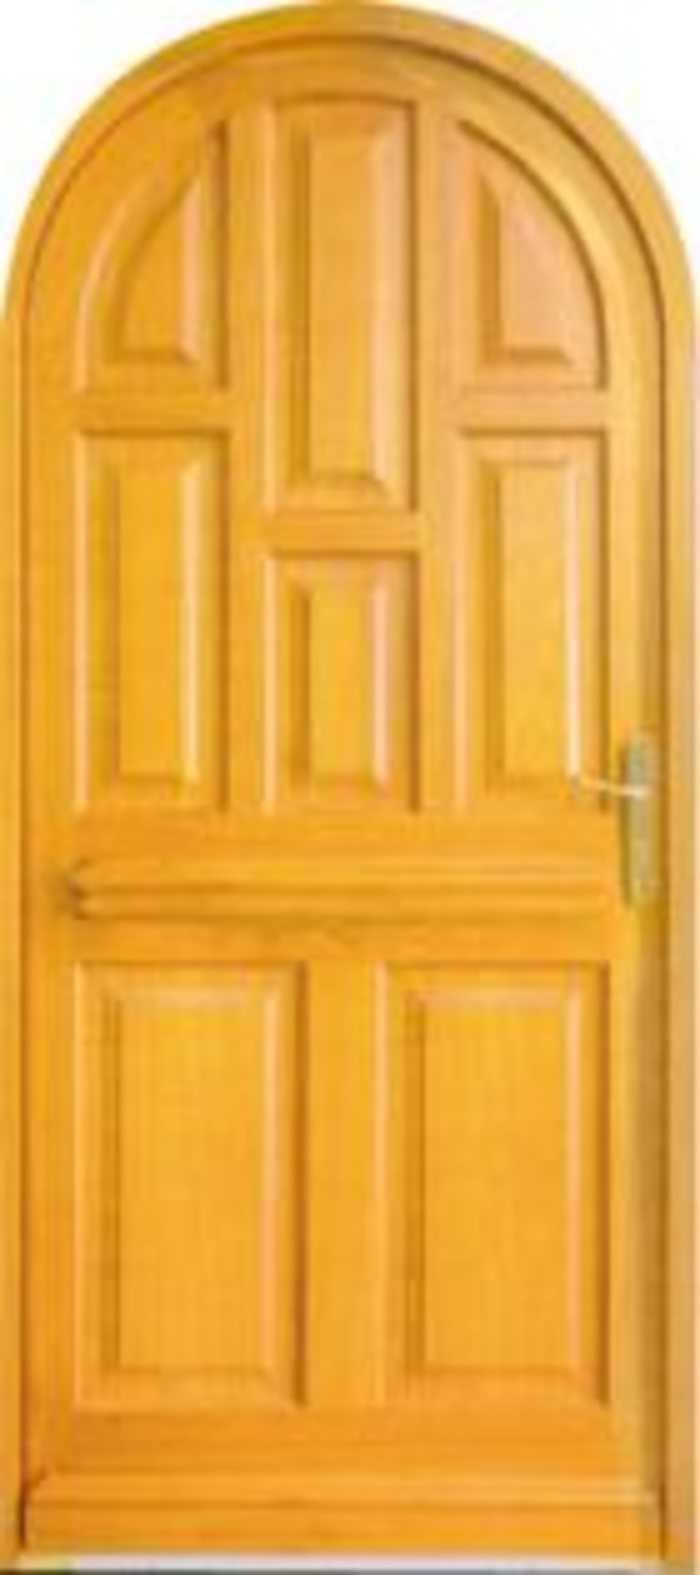 Porte Chatillon 0